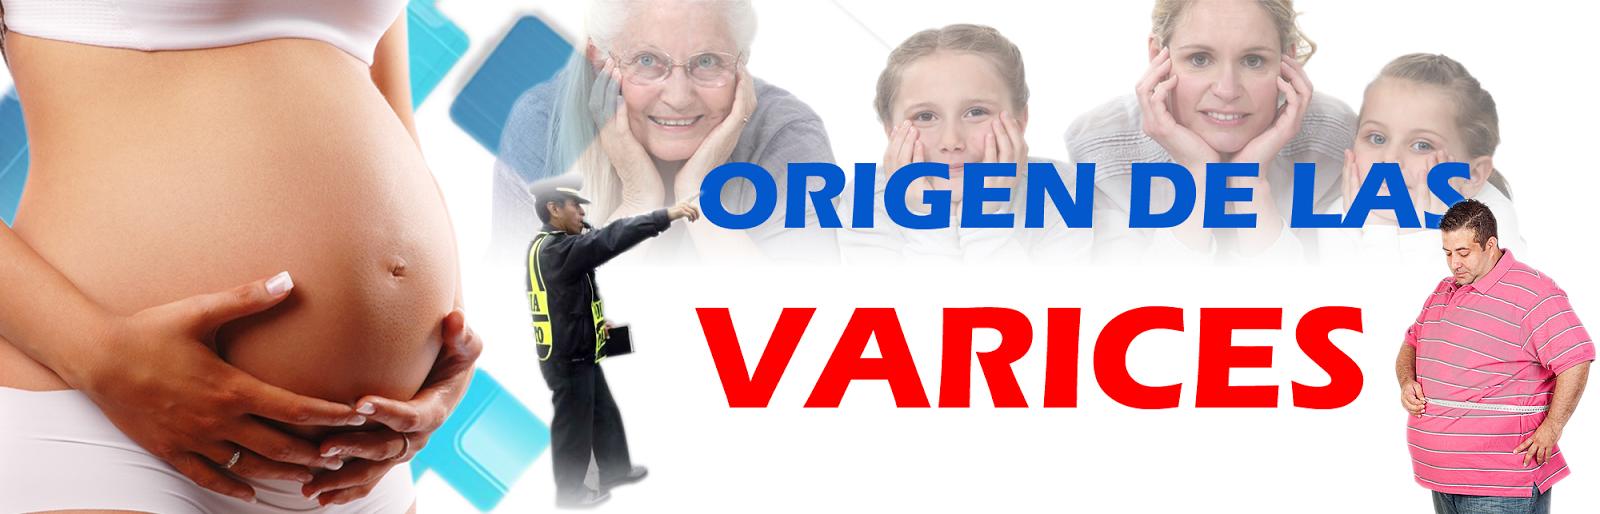 La clasificación varikozno de las venas extendidas